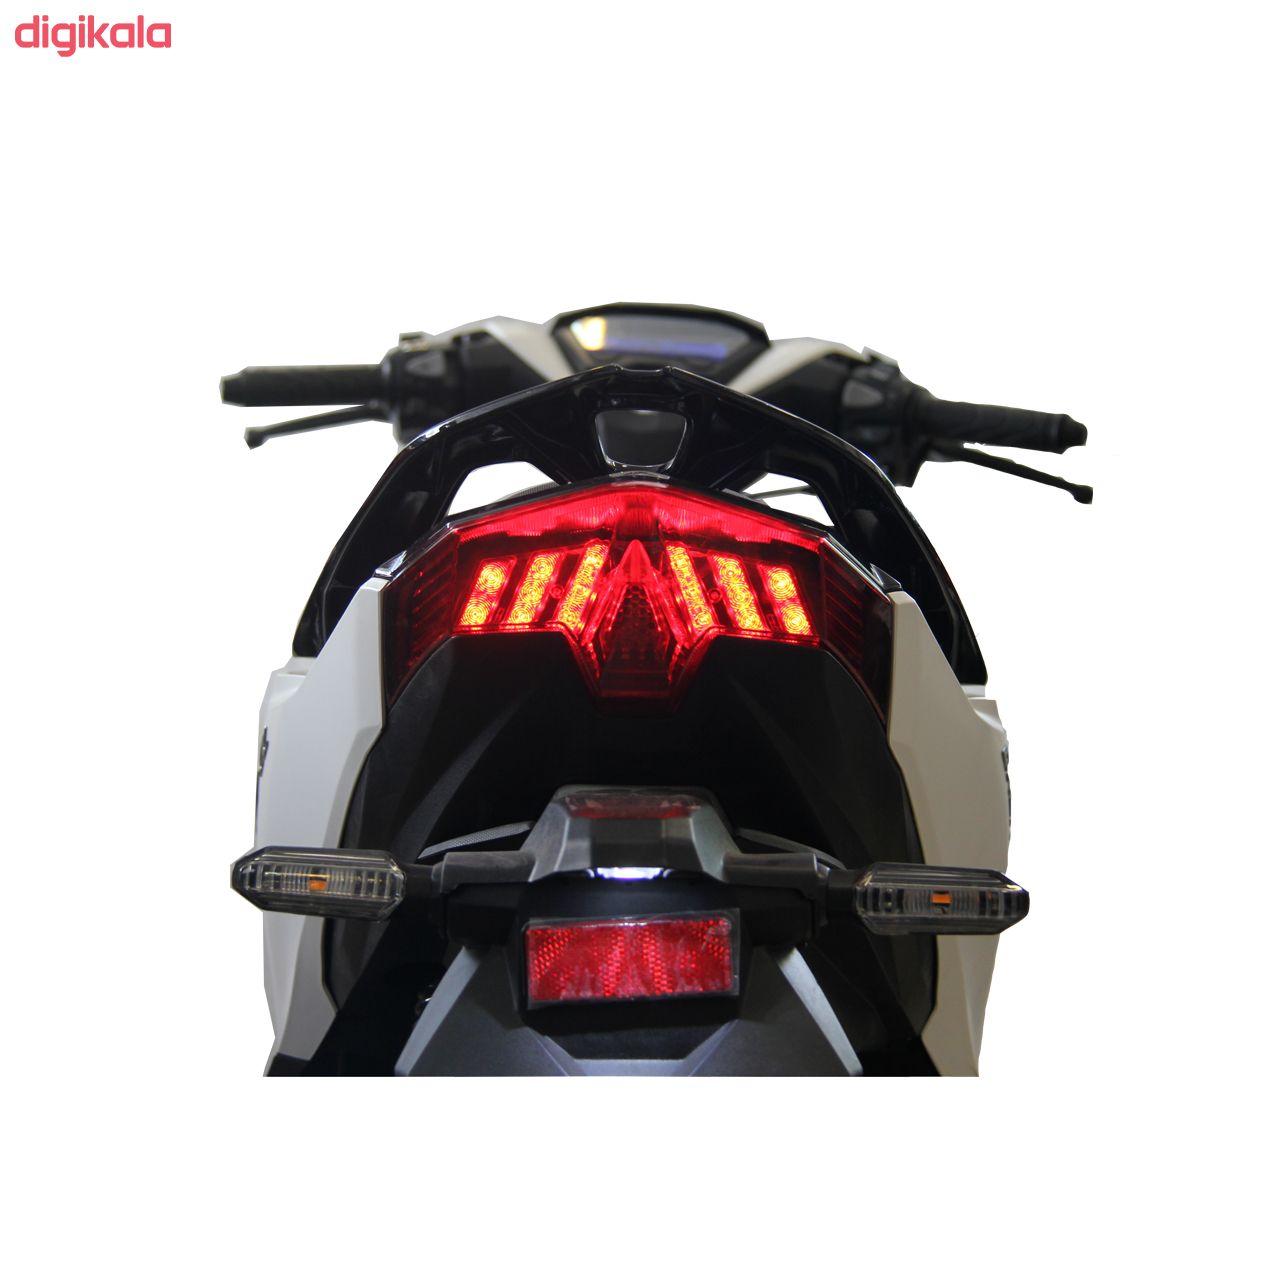 موتورسیکلت های کلیک مدل کریستال 125 سی سی سال 1399 main 1 3